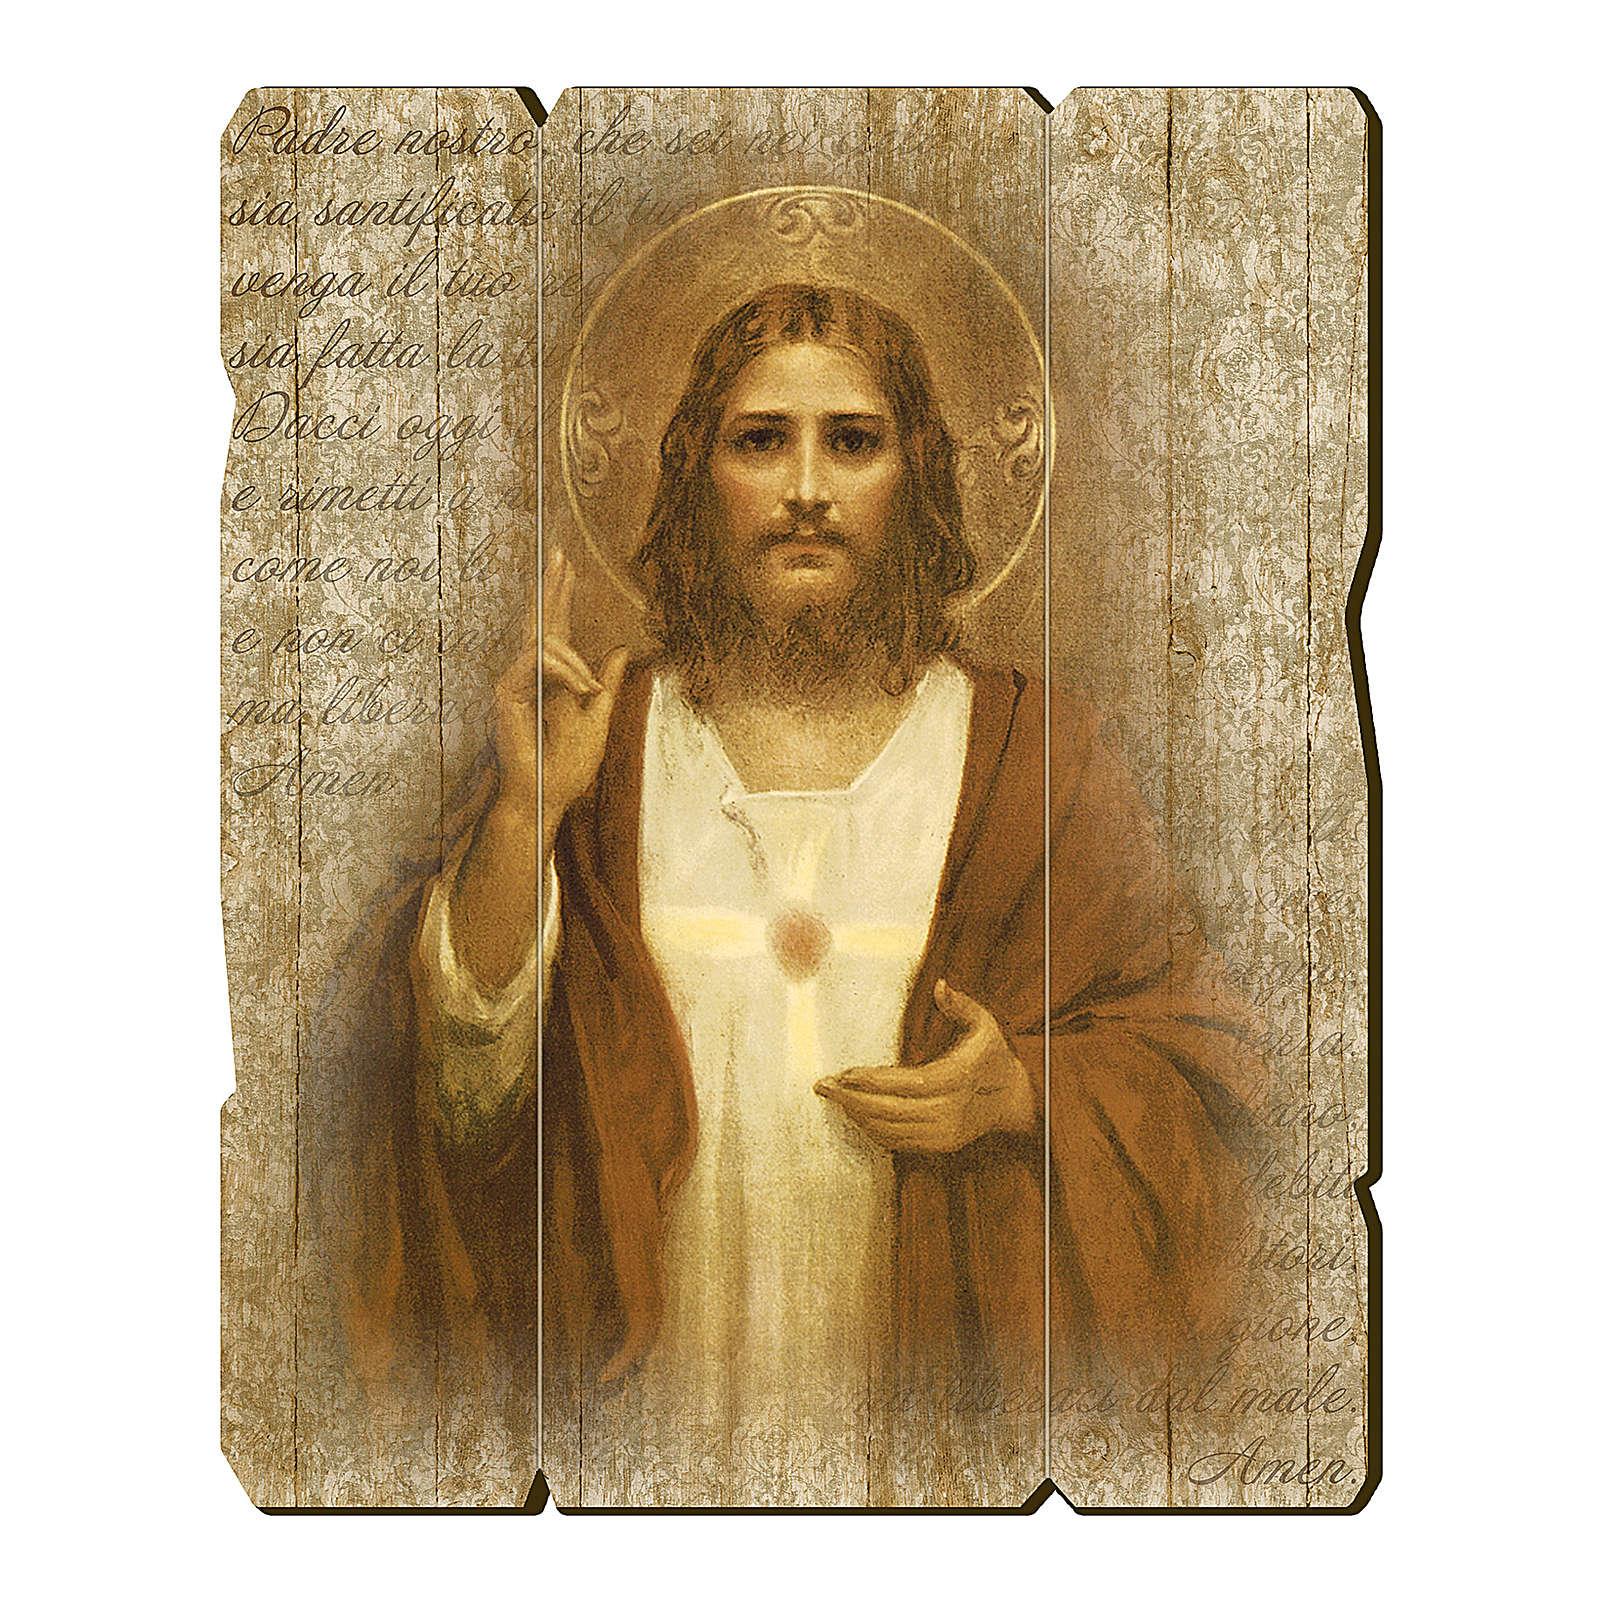 Obraz z drewna Święte Serce Jezusa 35x30 3